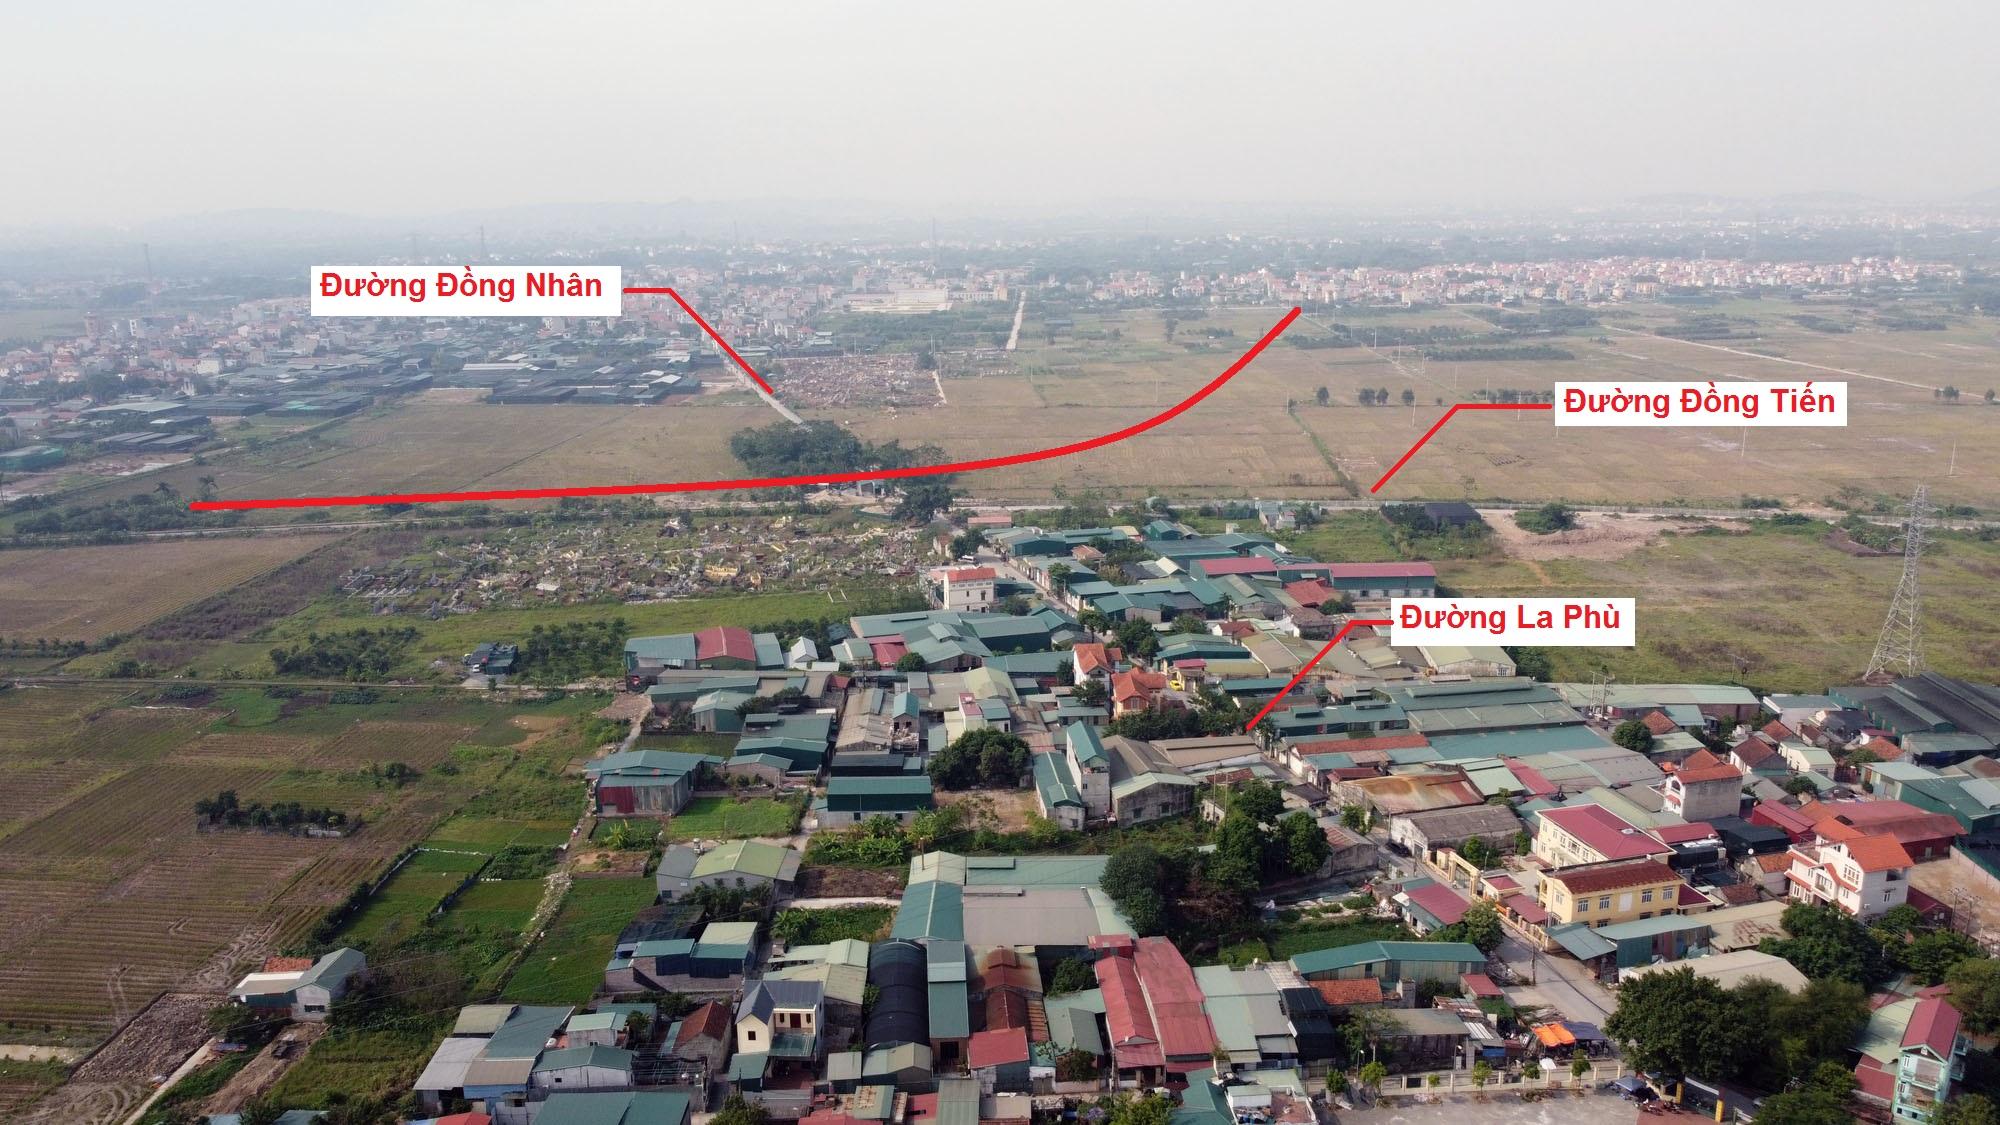 Ba đường sẽ mở theo qui hoạch ở xã La Phù, Hoài Đức, Hà Nội - Ảnh 11.